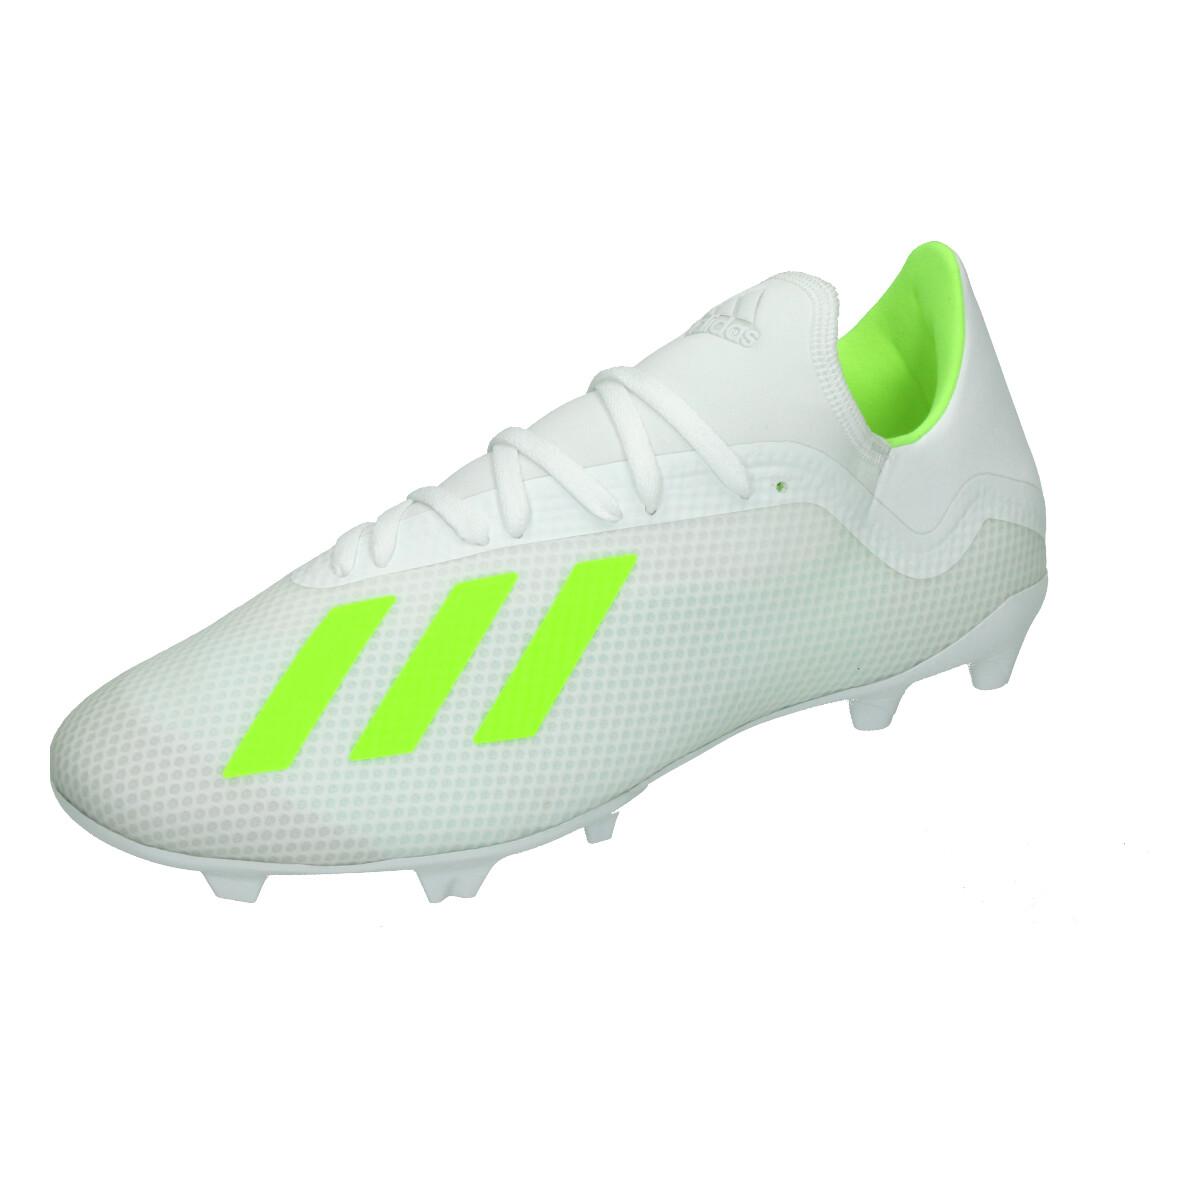 09f9d3ec2d3 Adidas X 18.3 FG WIT/GEEL online kopen bij Sportpaleis.